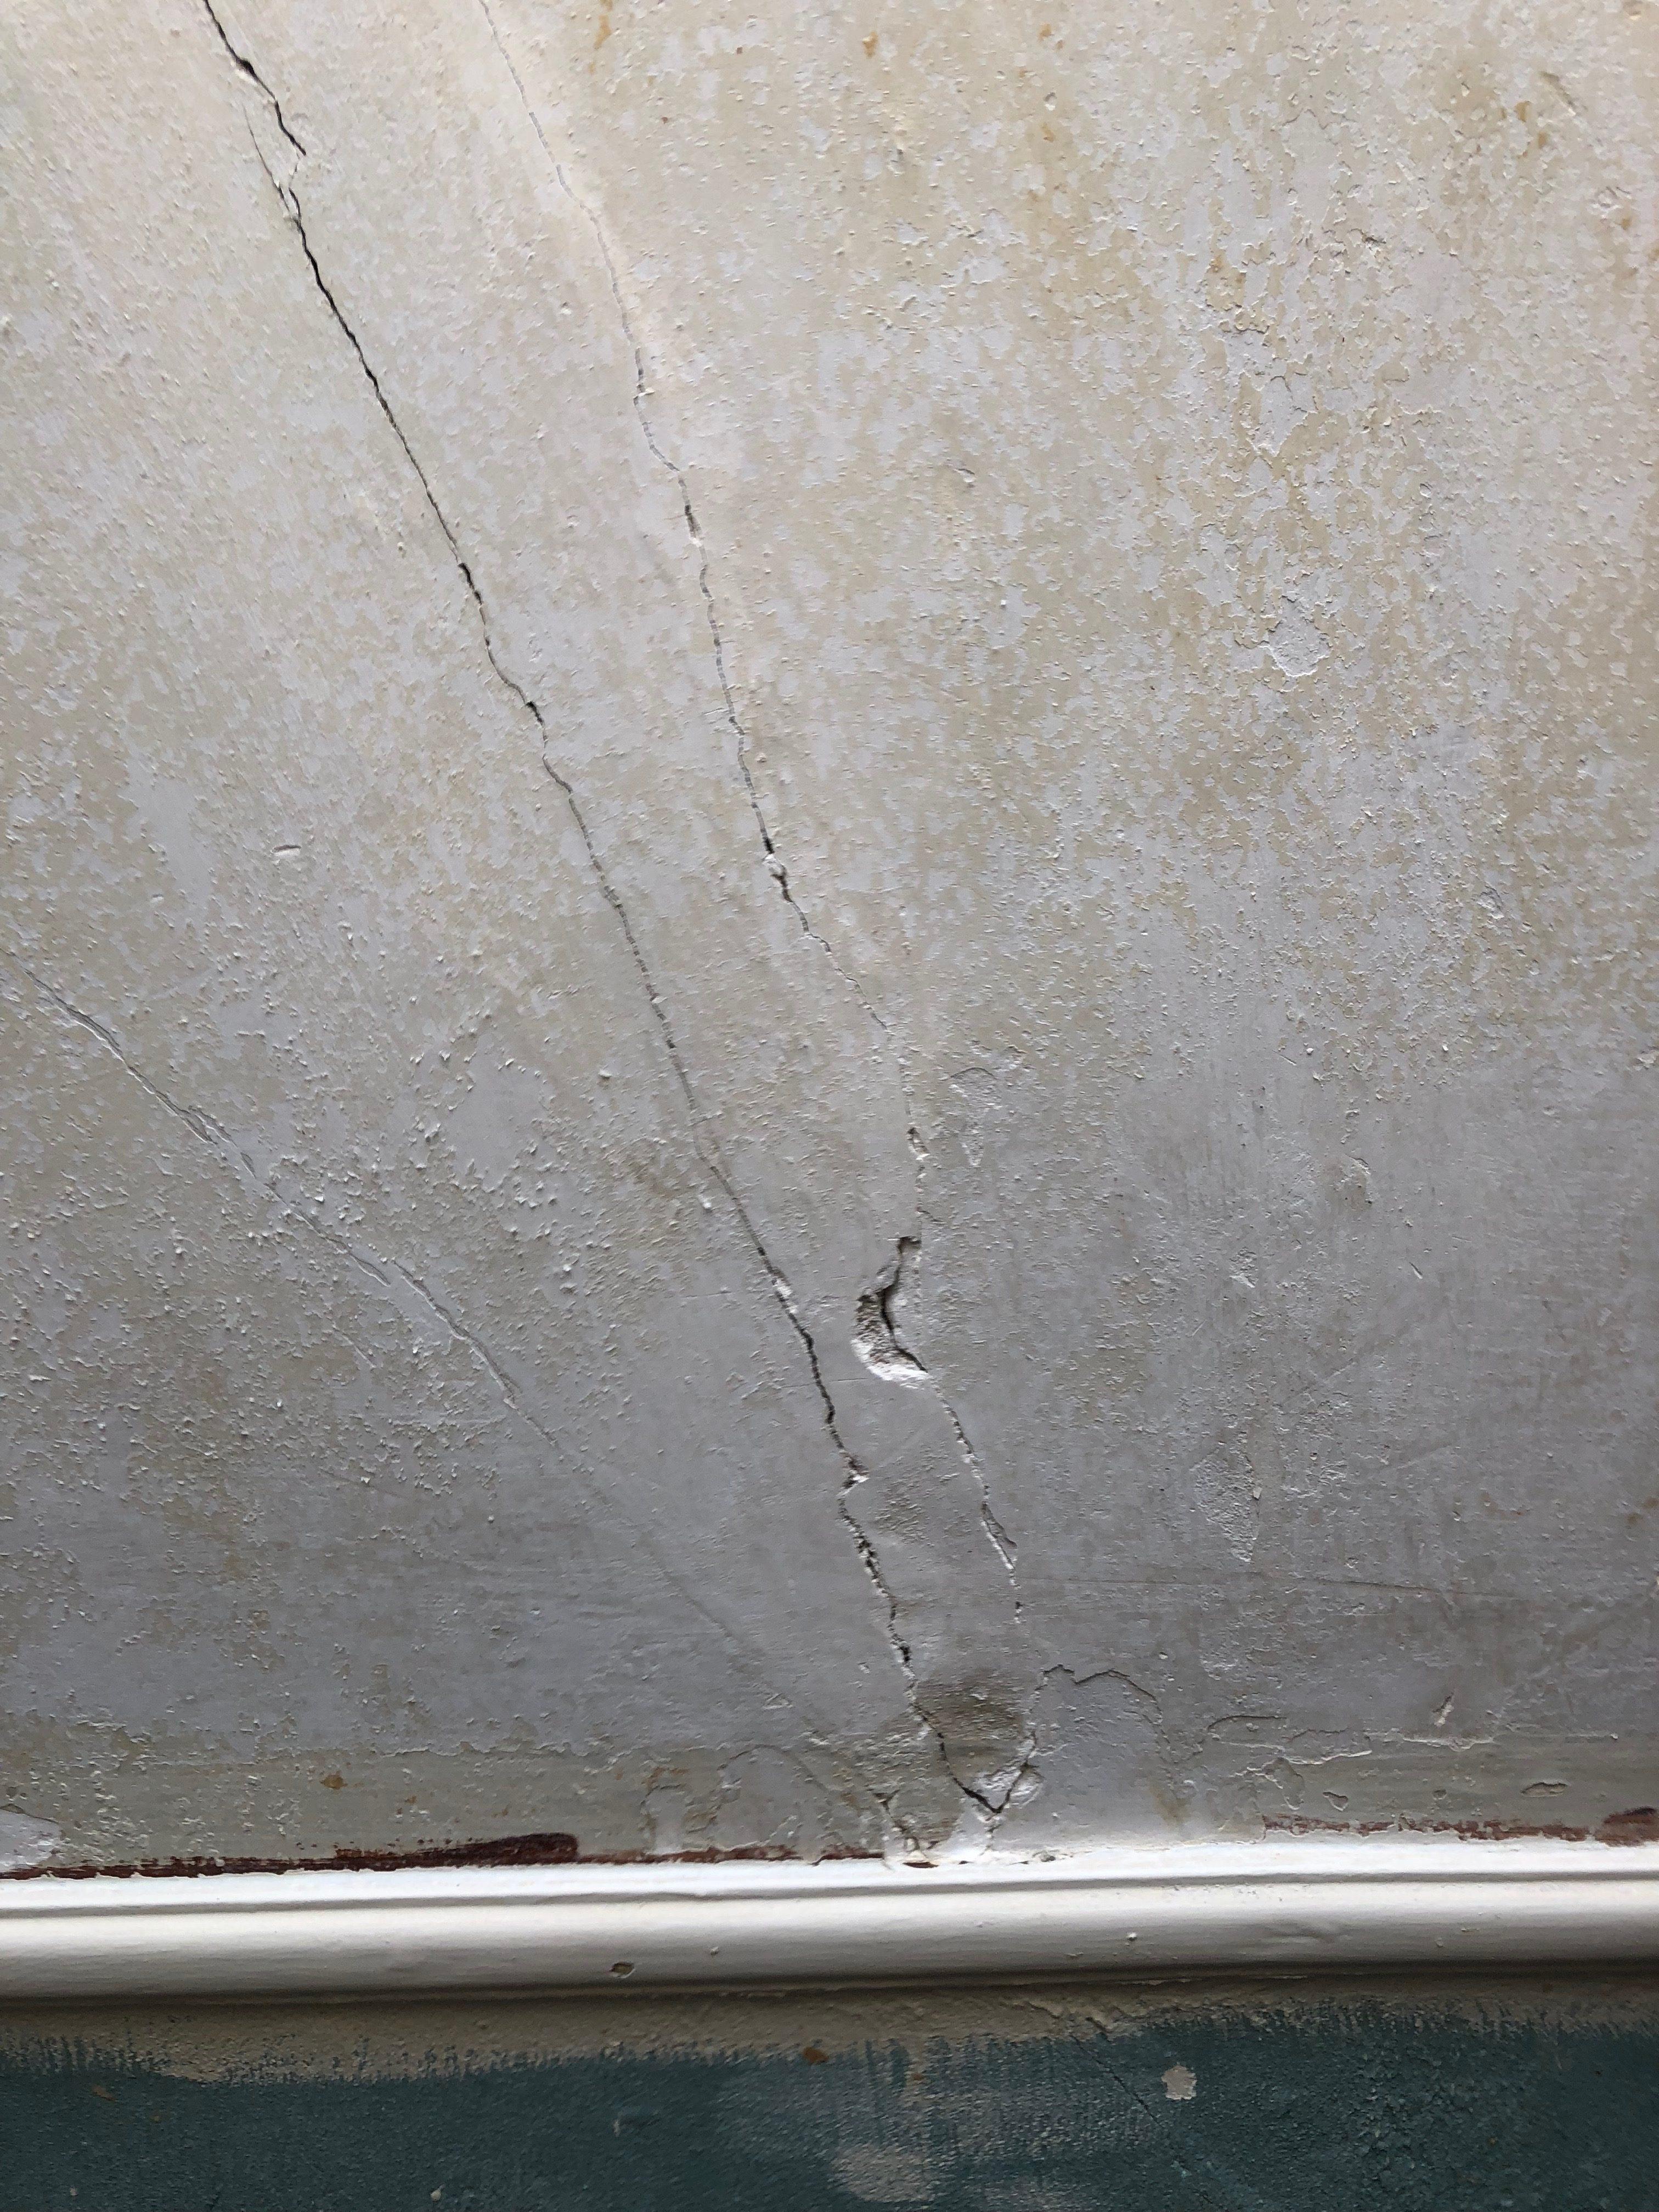 Wand na verwijderden behang, beschadigd (scheuren)